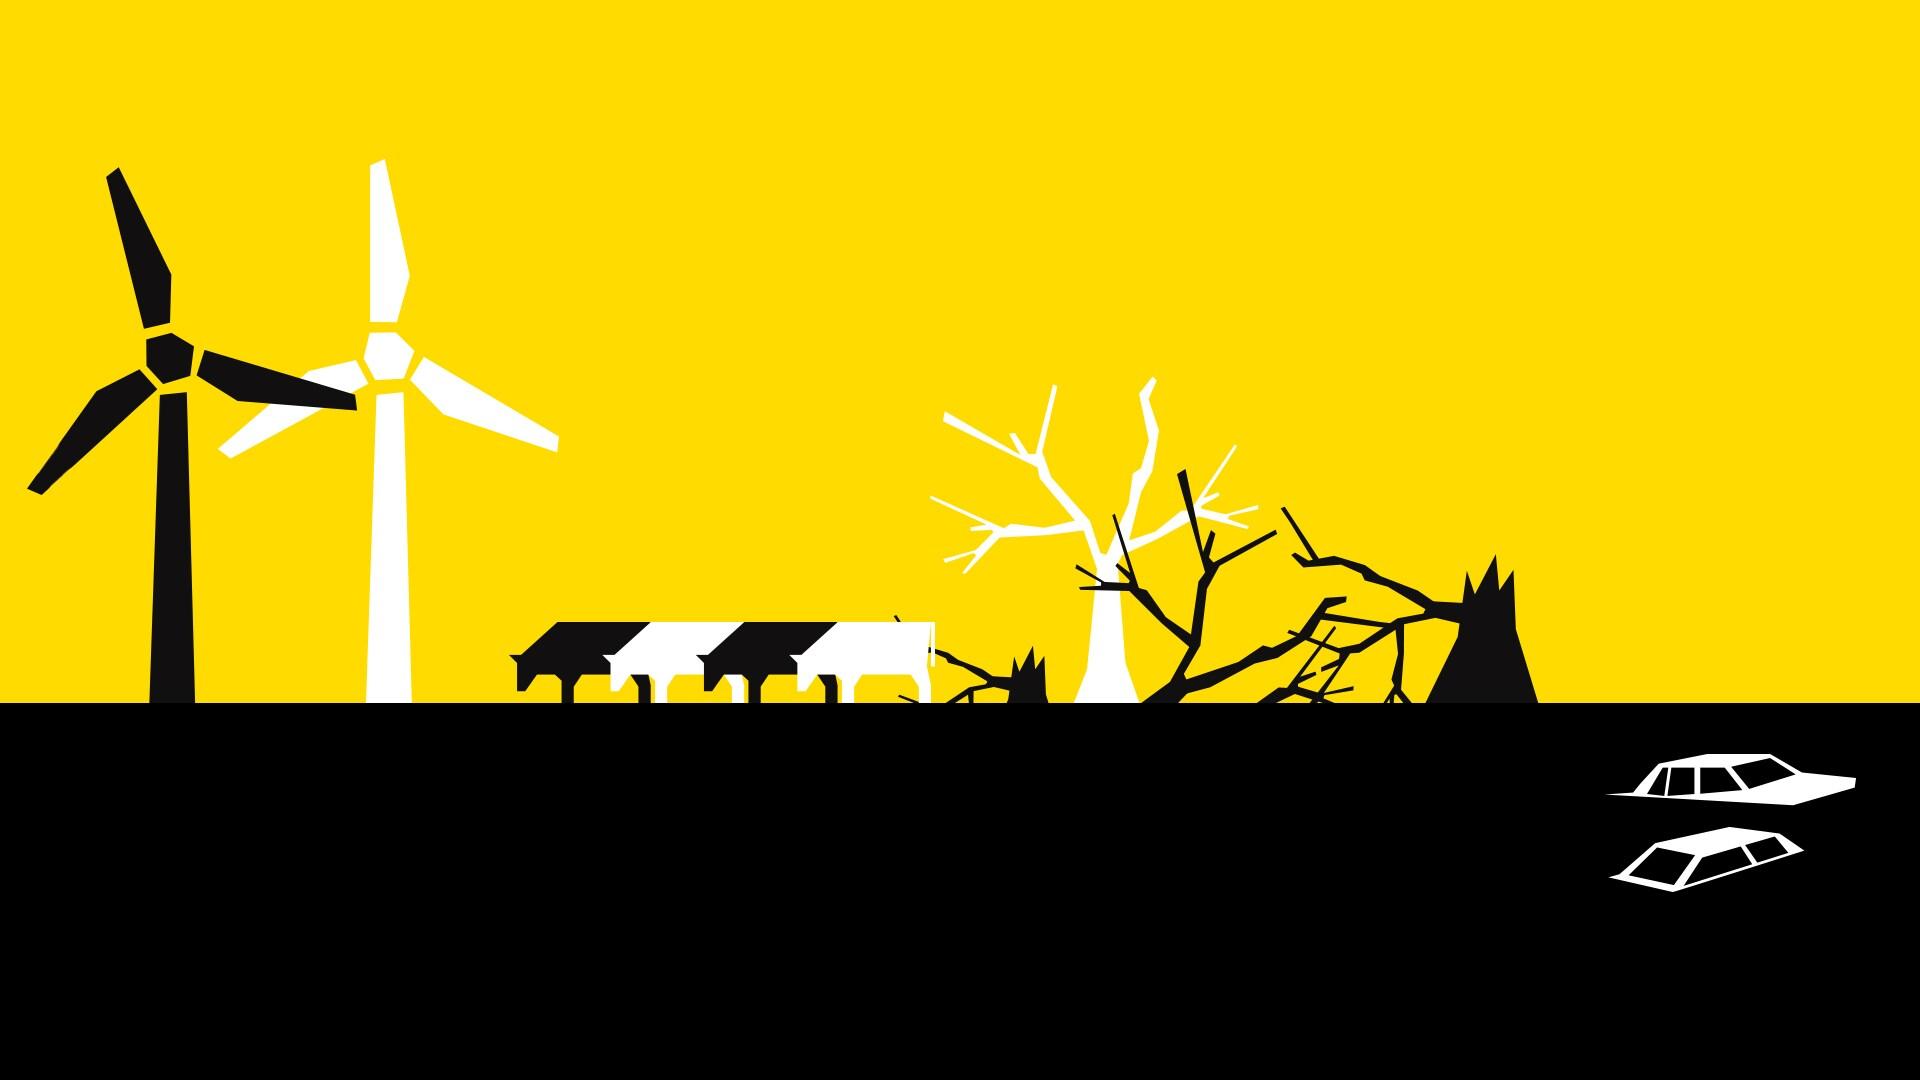 Nat Geo convida o público para refletir no Dia Internacional Contra as Mudanças Climáticas